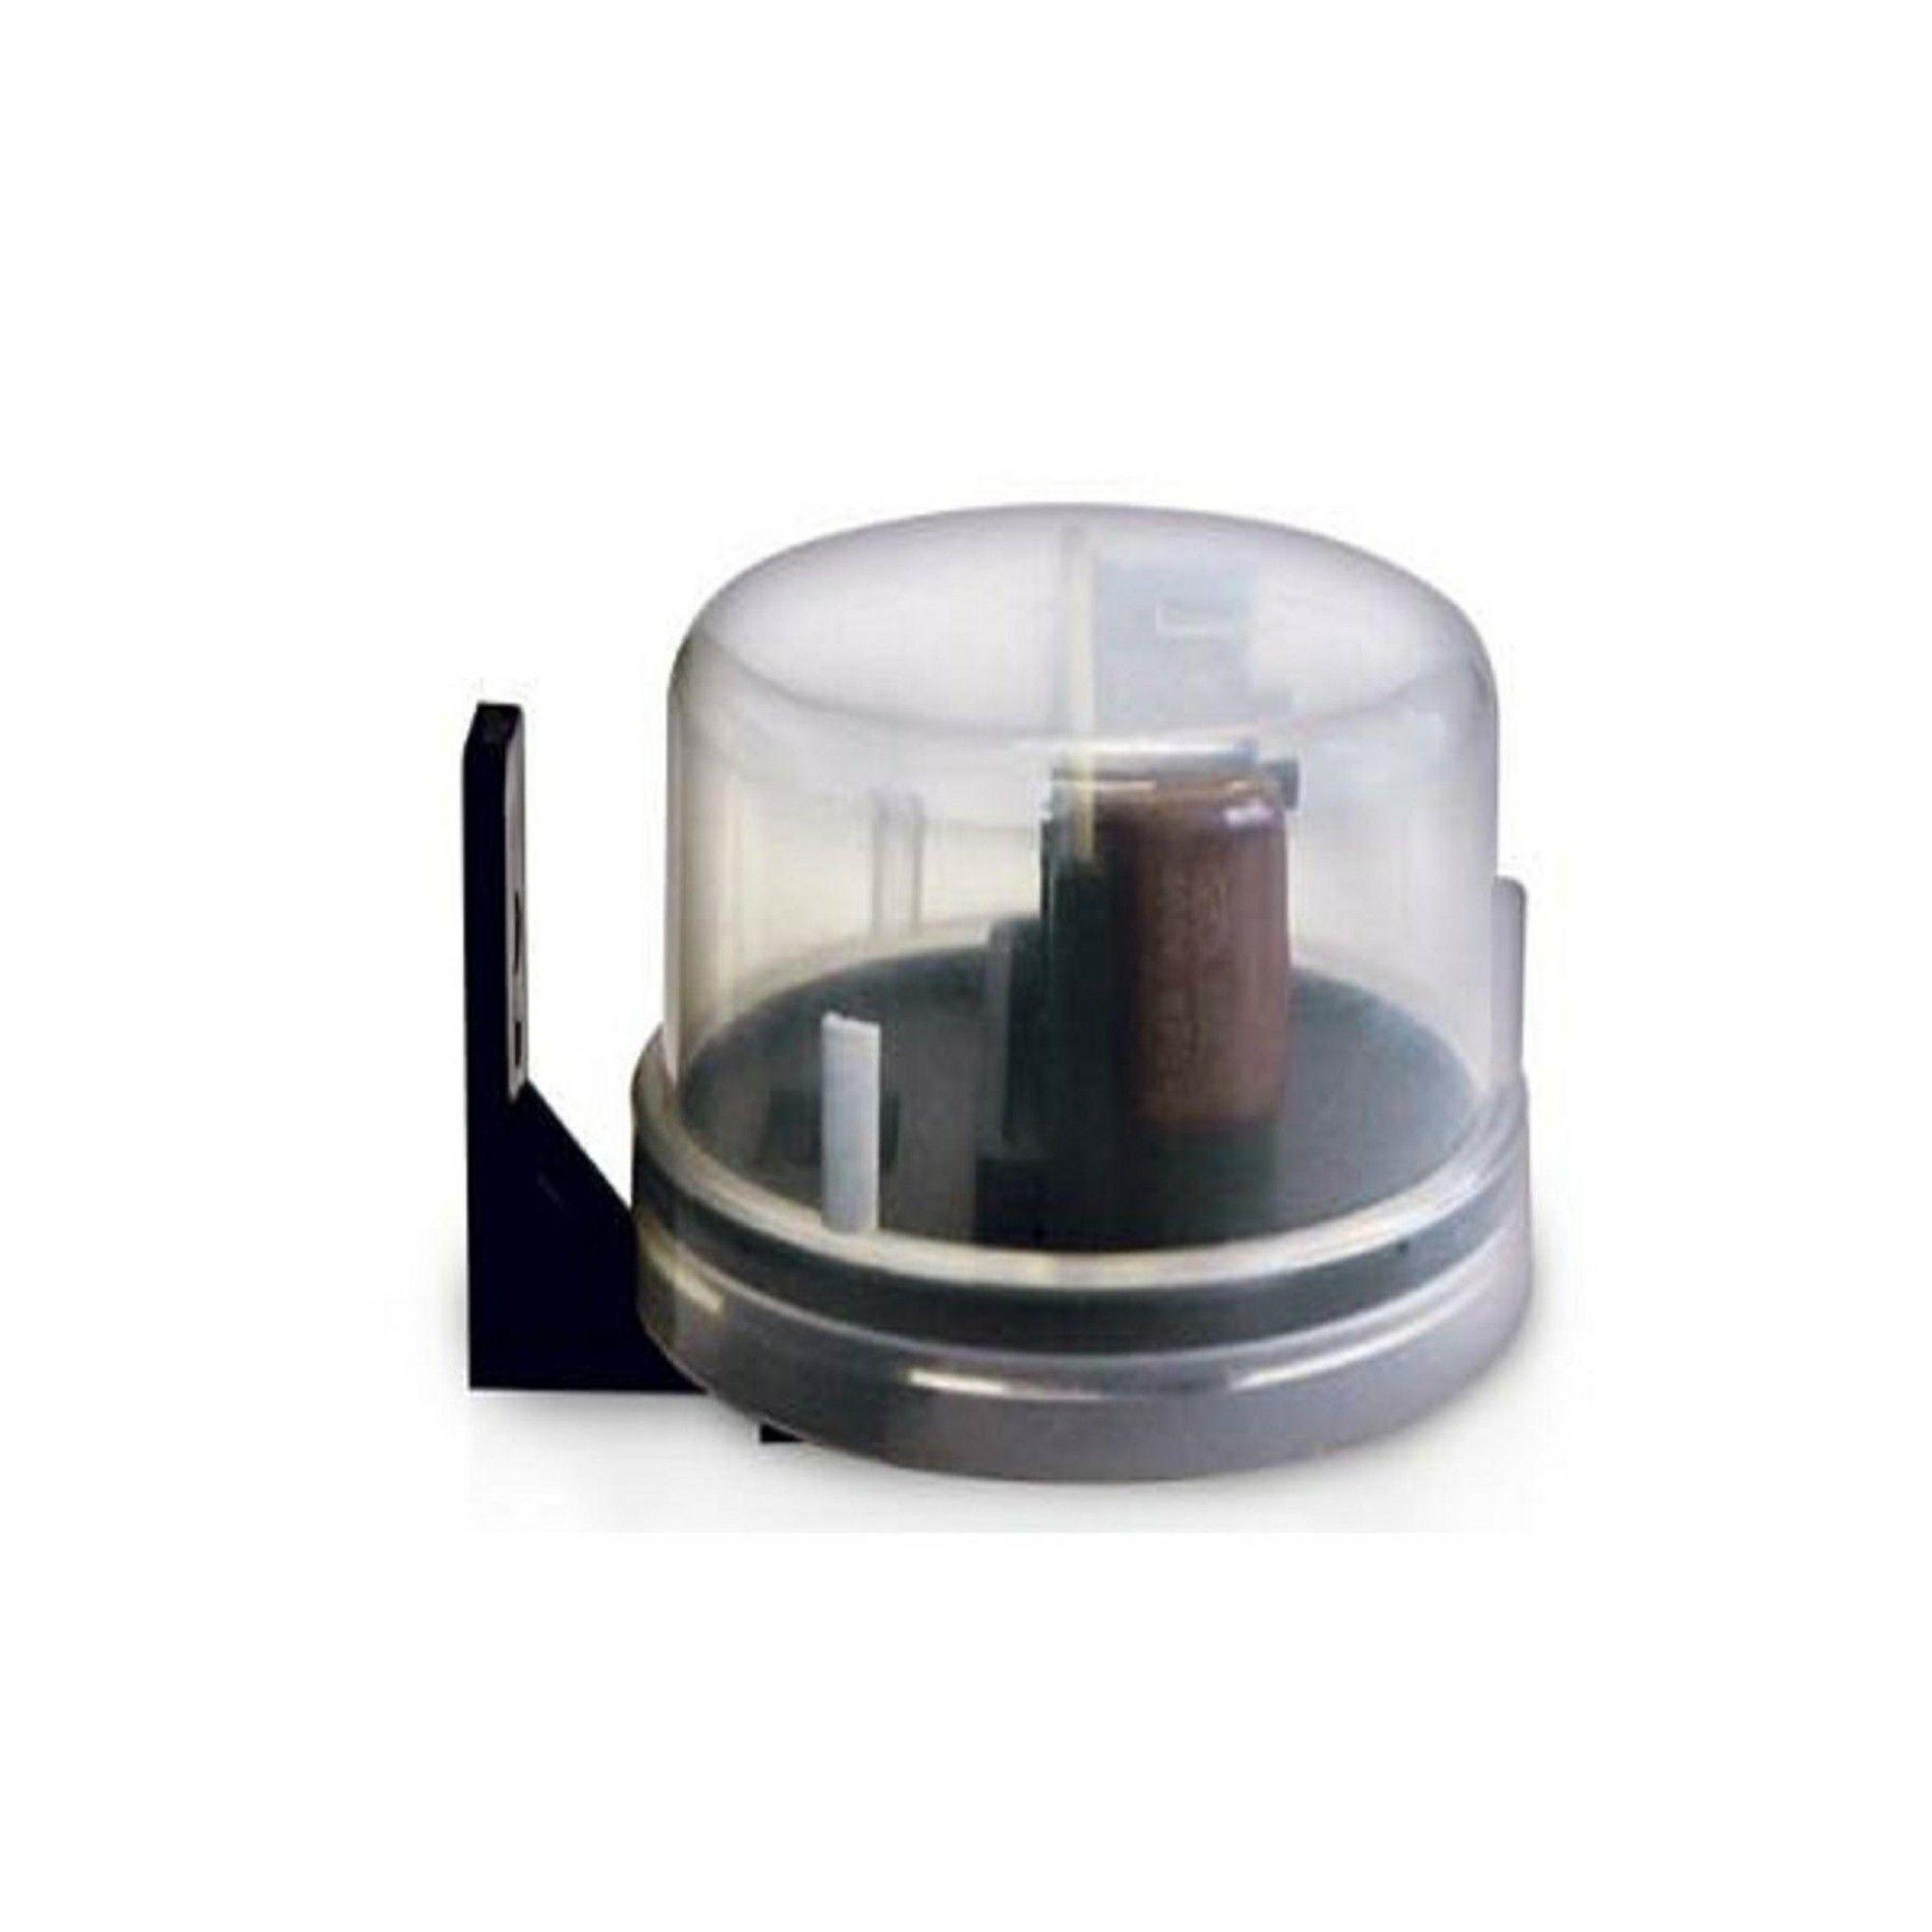 Rele Fotoelétrico Fotocélula Sensor Bivolt C/ Suporte